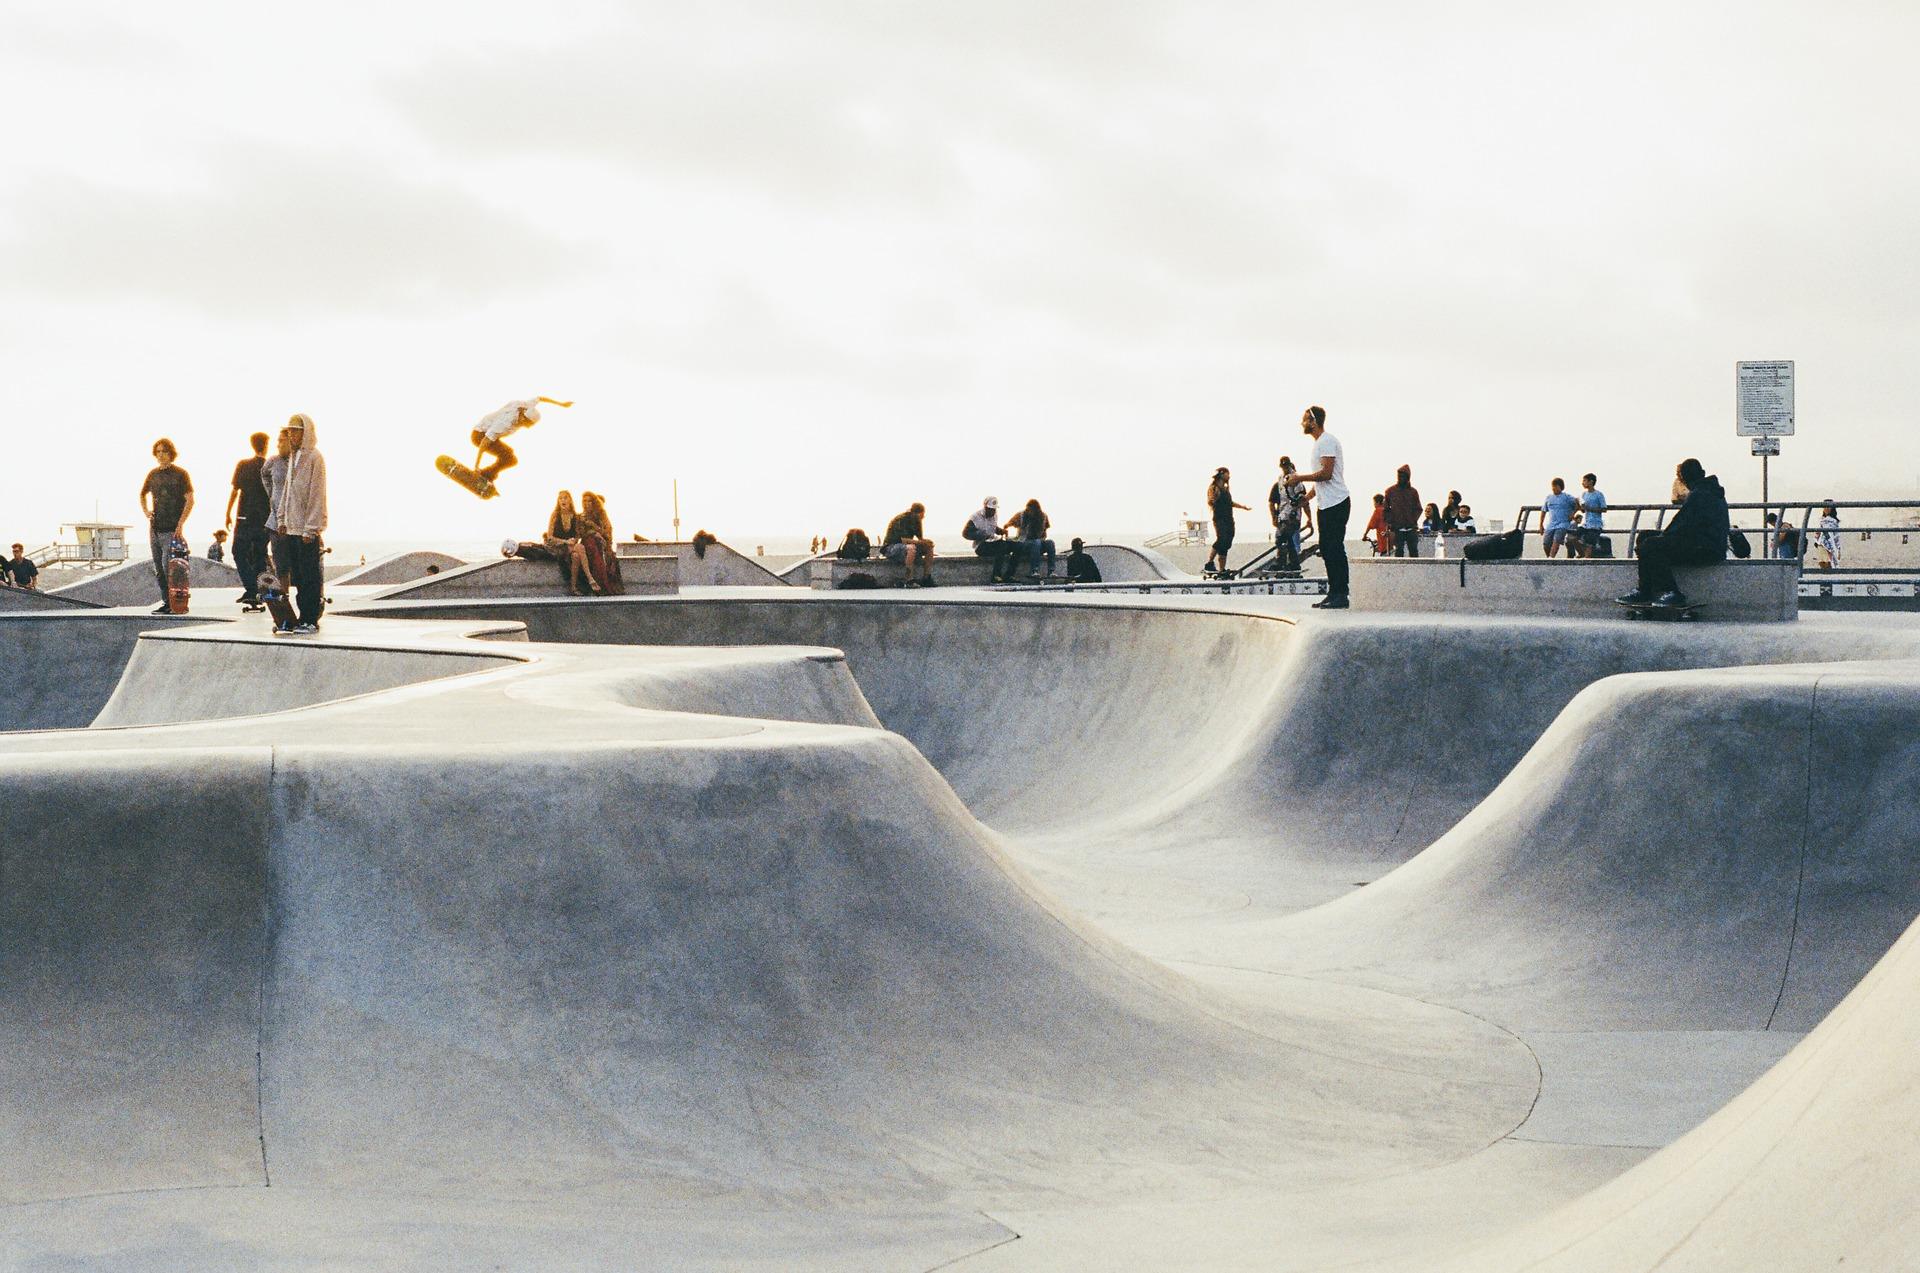 skatepark-405864_1920.jpg